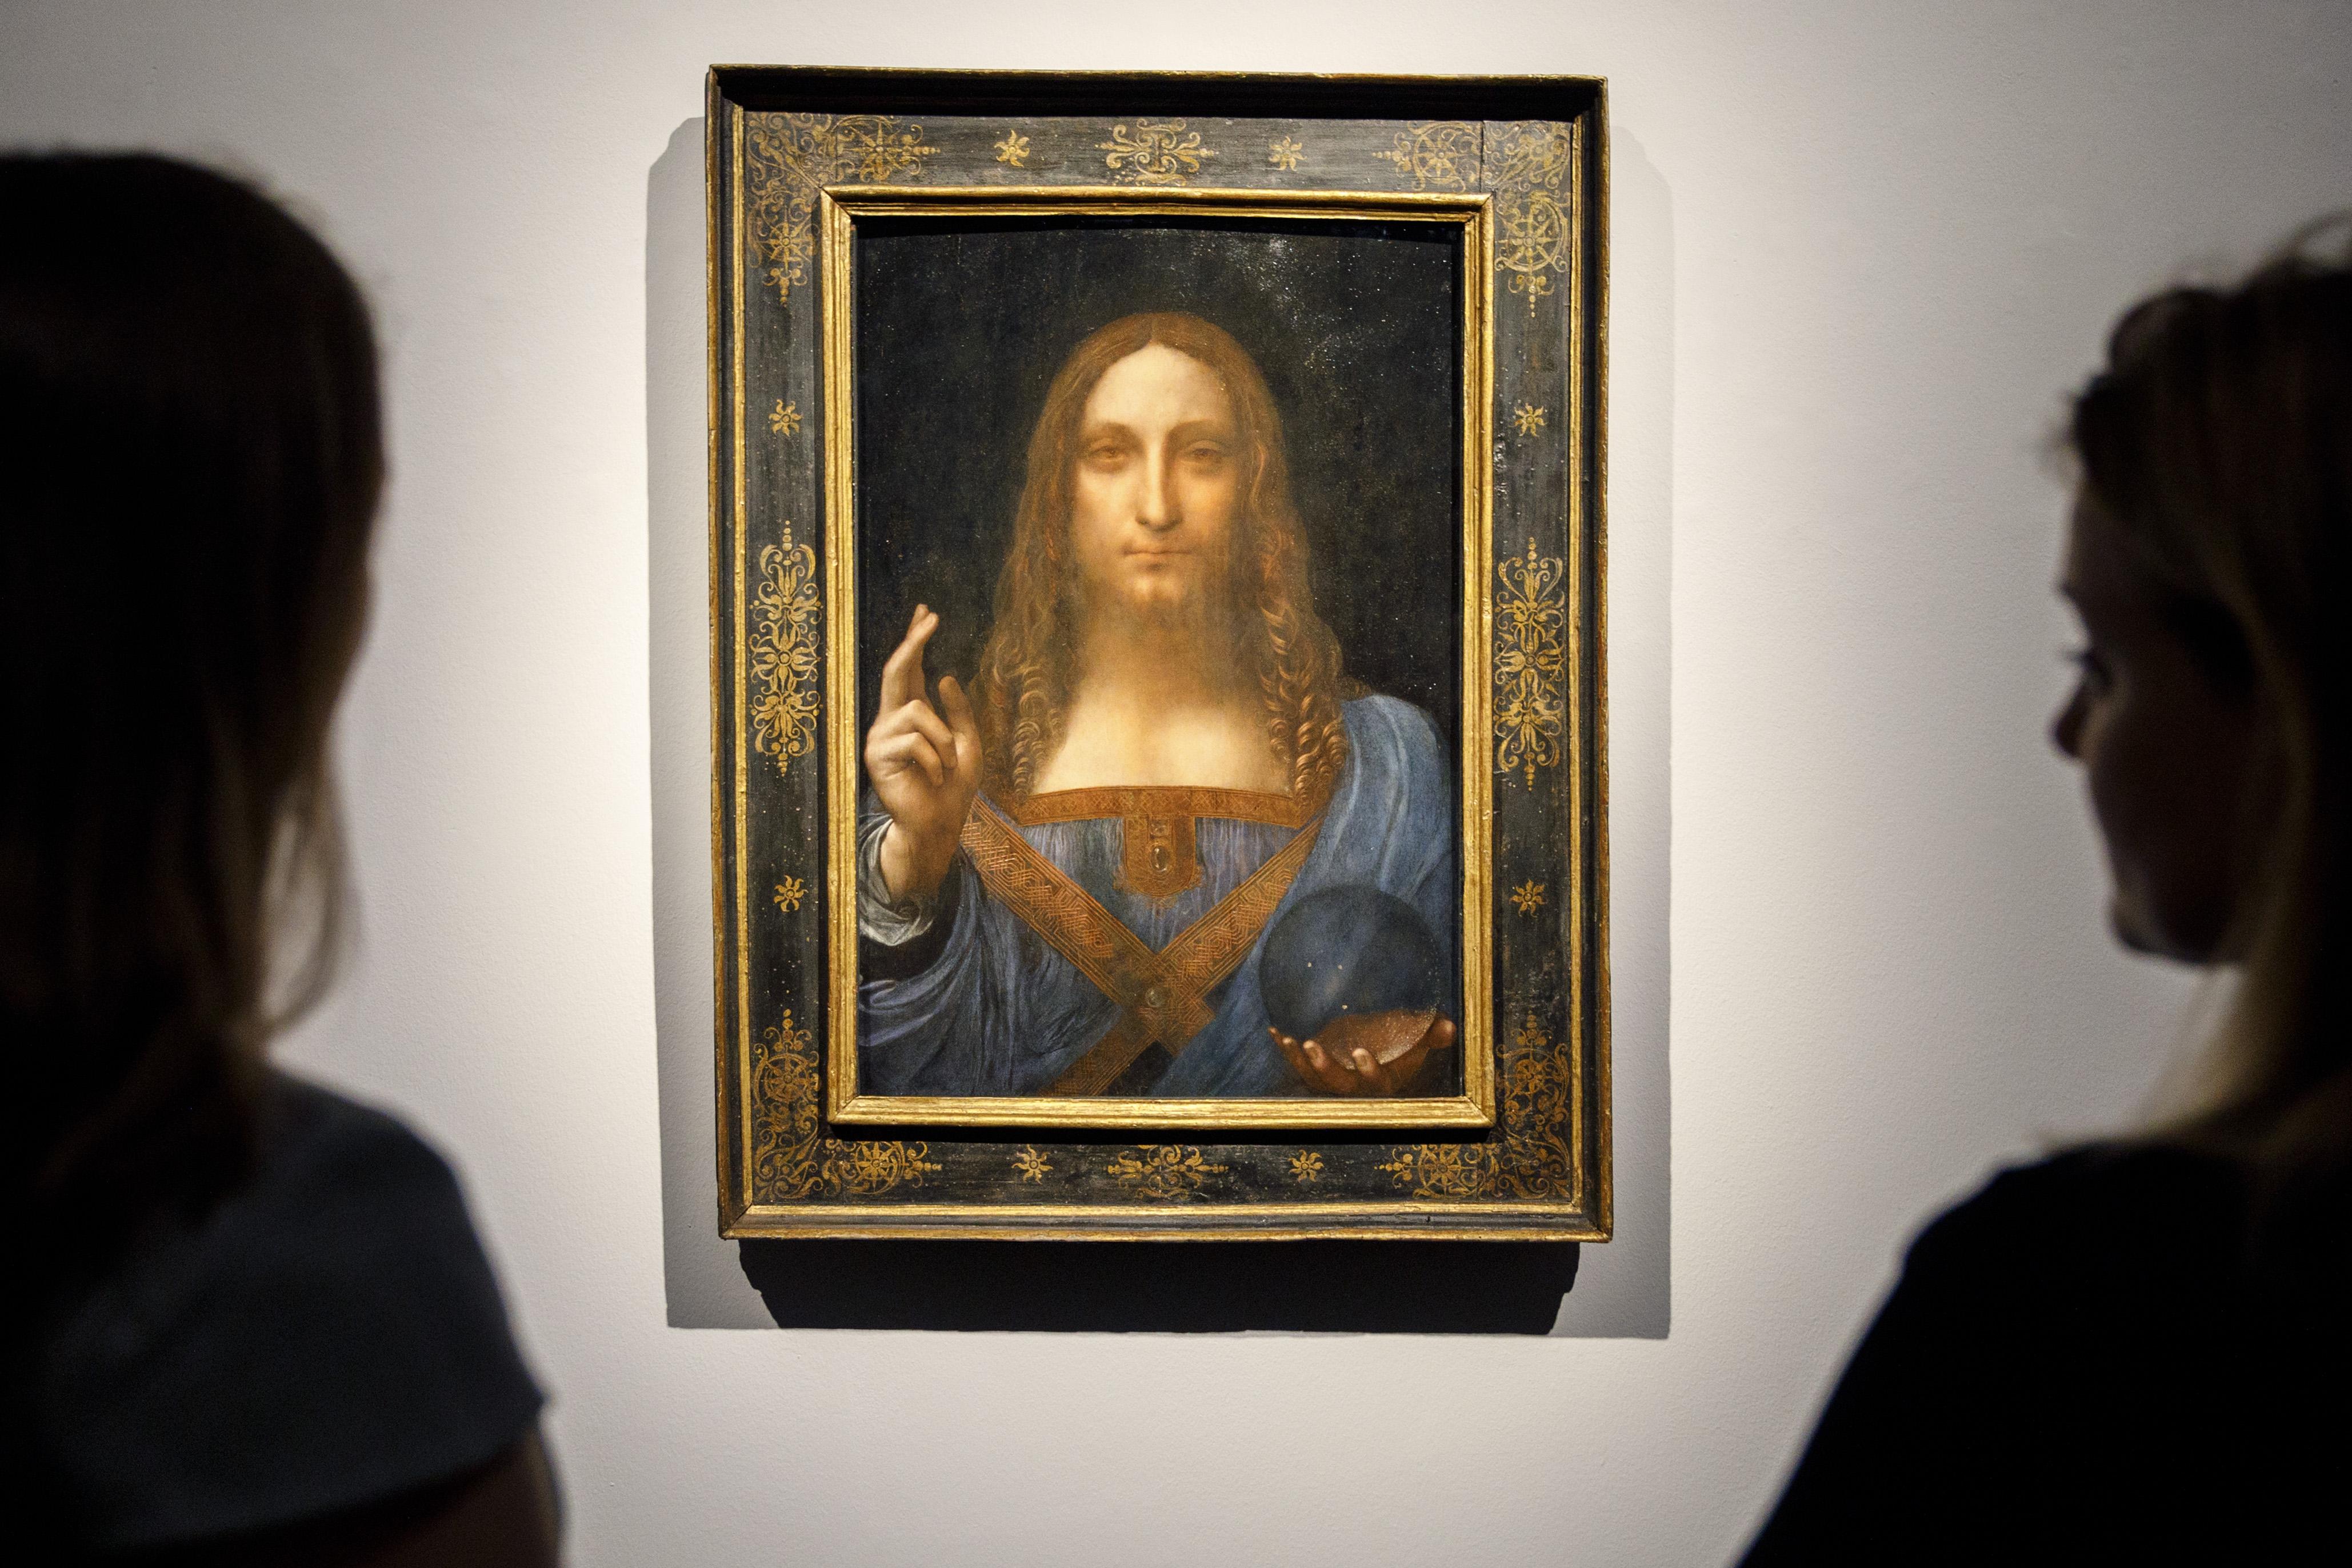 A világ legnagyszerűbb múzeuma lehetne, de senki nem látogathatja